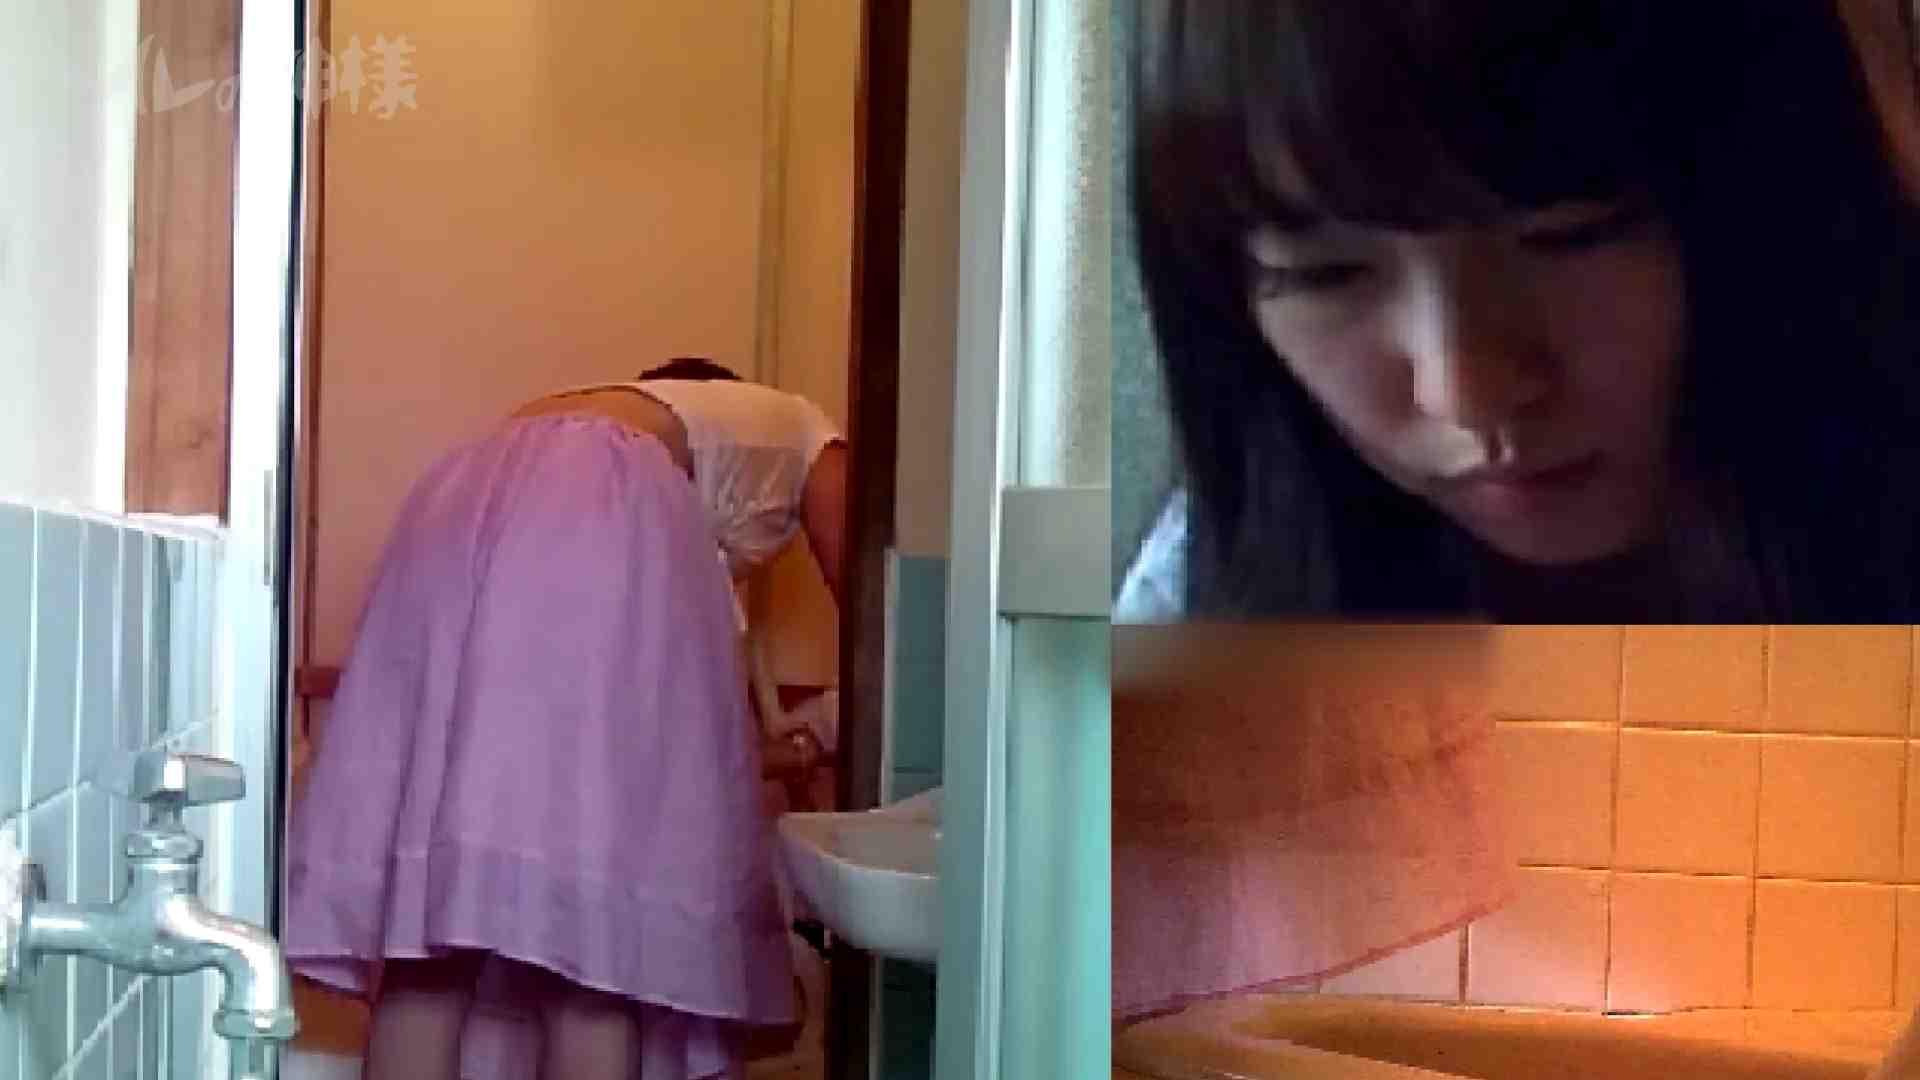 トイレの神様 Vol.09 美女のGEBOきれいに撮っています 美女達のヌード | トイレ中  75連発 72